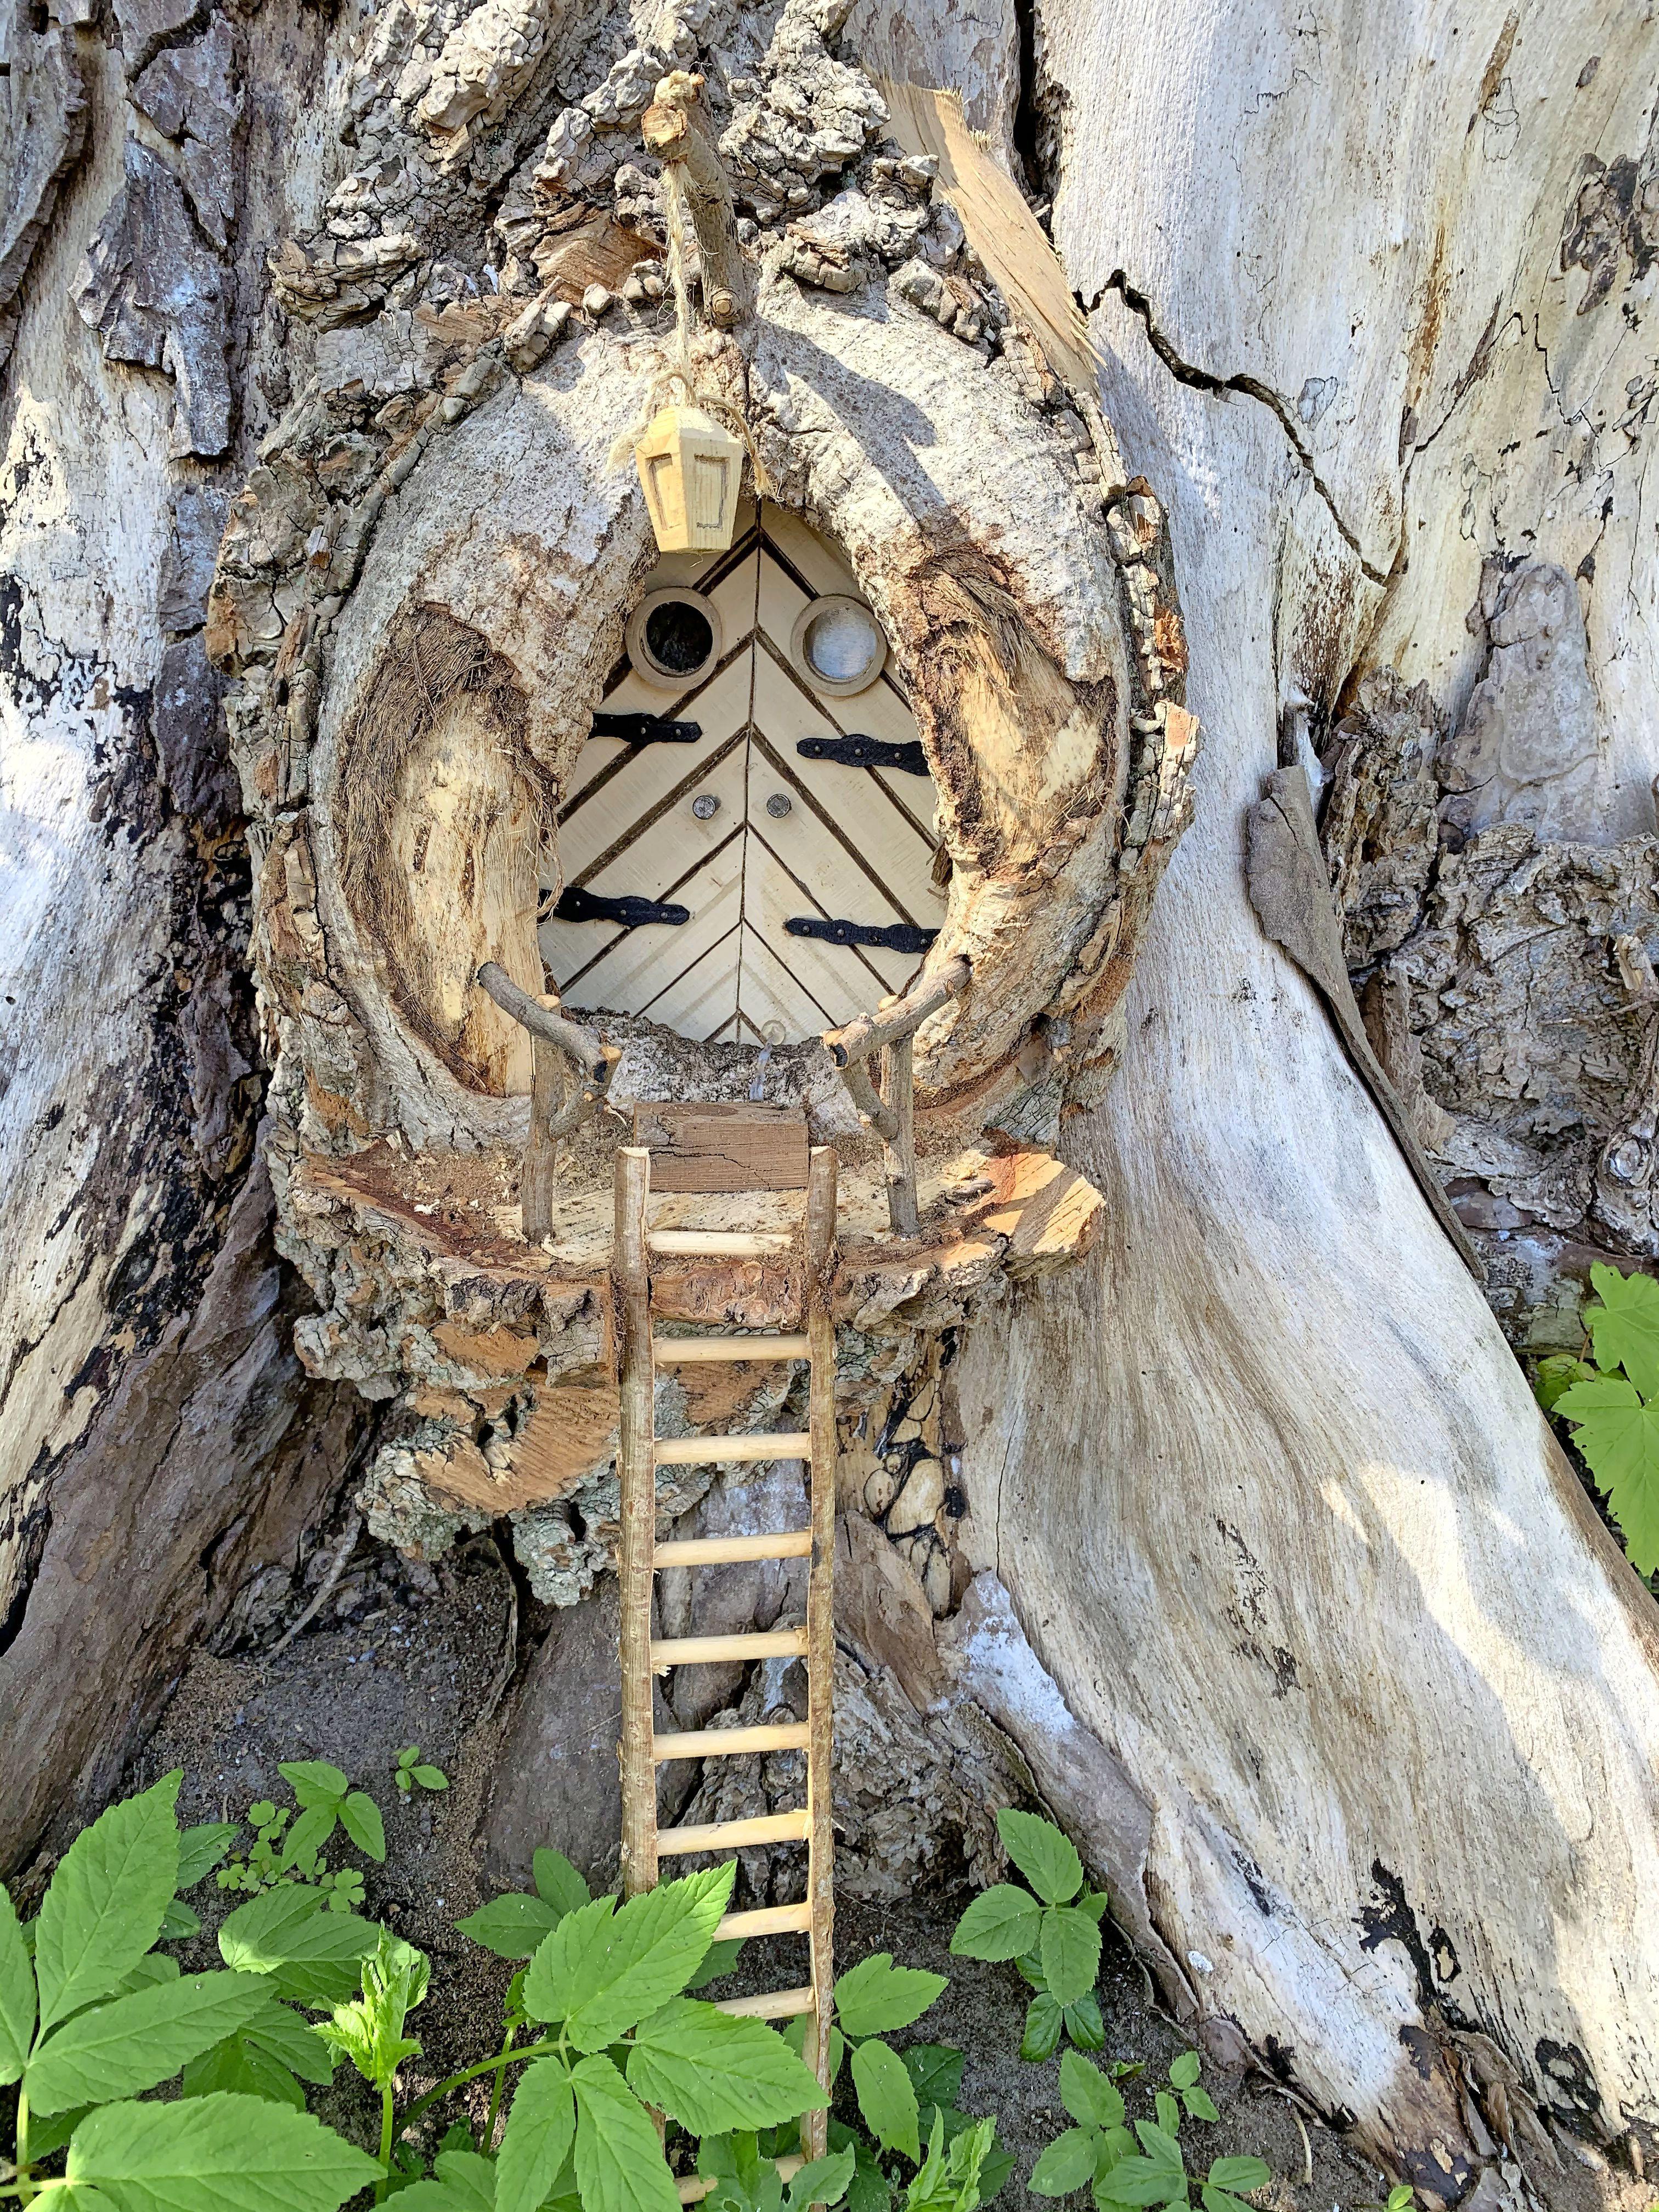 Louter de Kabouter bouwt het bos vol met kleine huisjes, PWN zit ermee in zijn maag: 'Het moet geen Efteling worden'